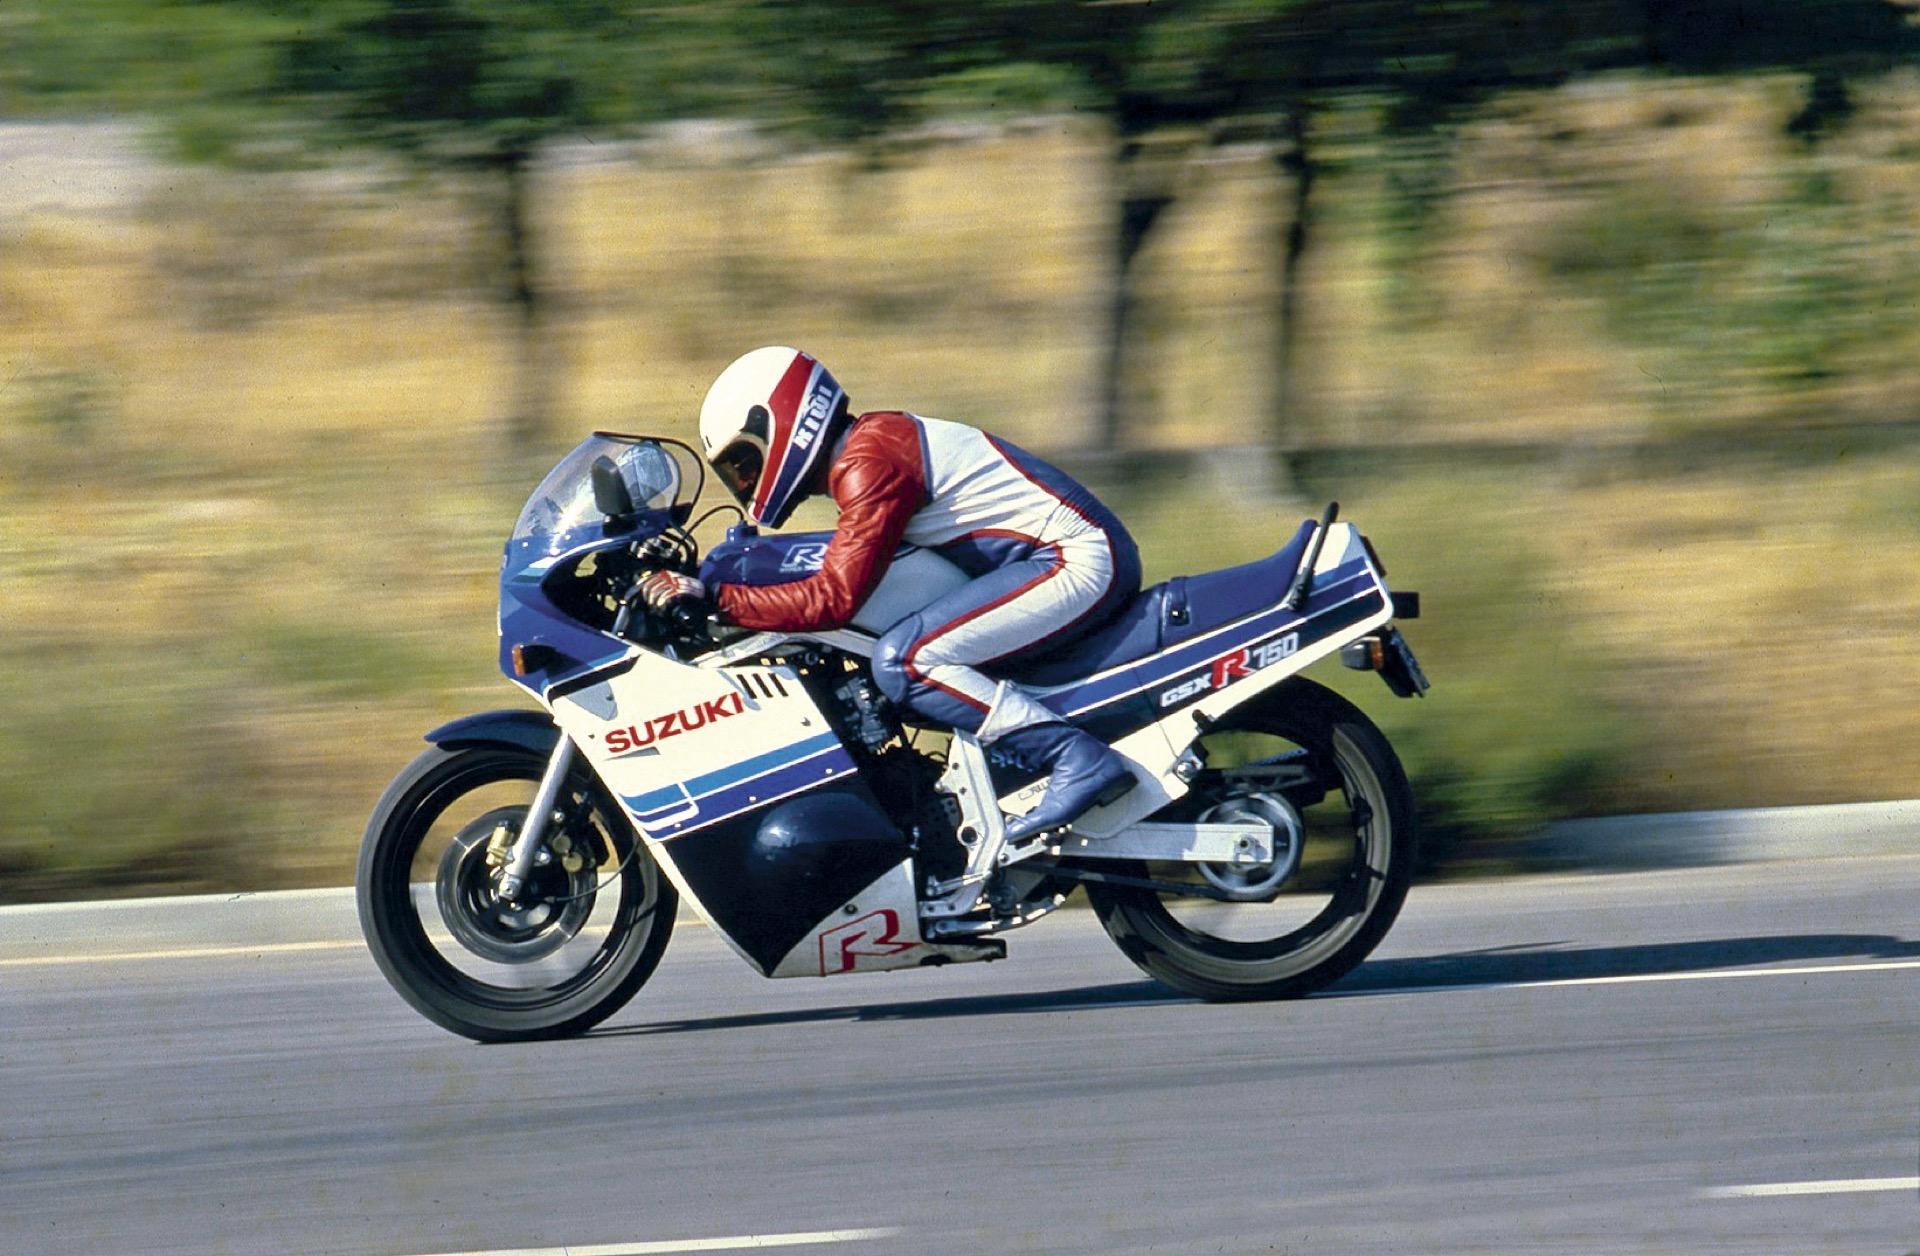 Retroprueba revista Motociclismo: Suzuki GSX 750 R 1985 Paragrapharticle--57d0534b5be44